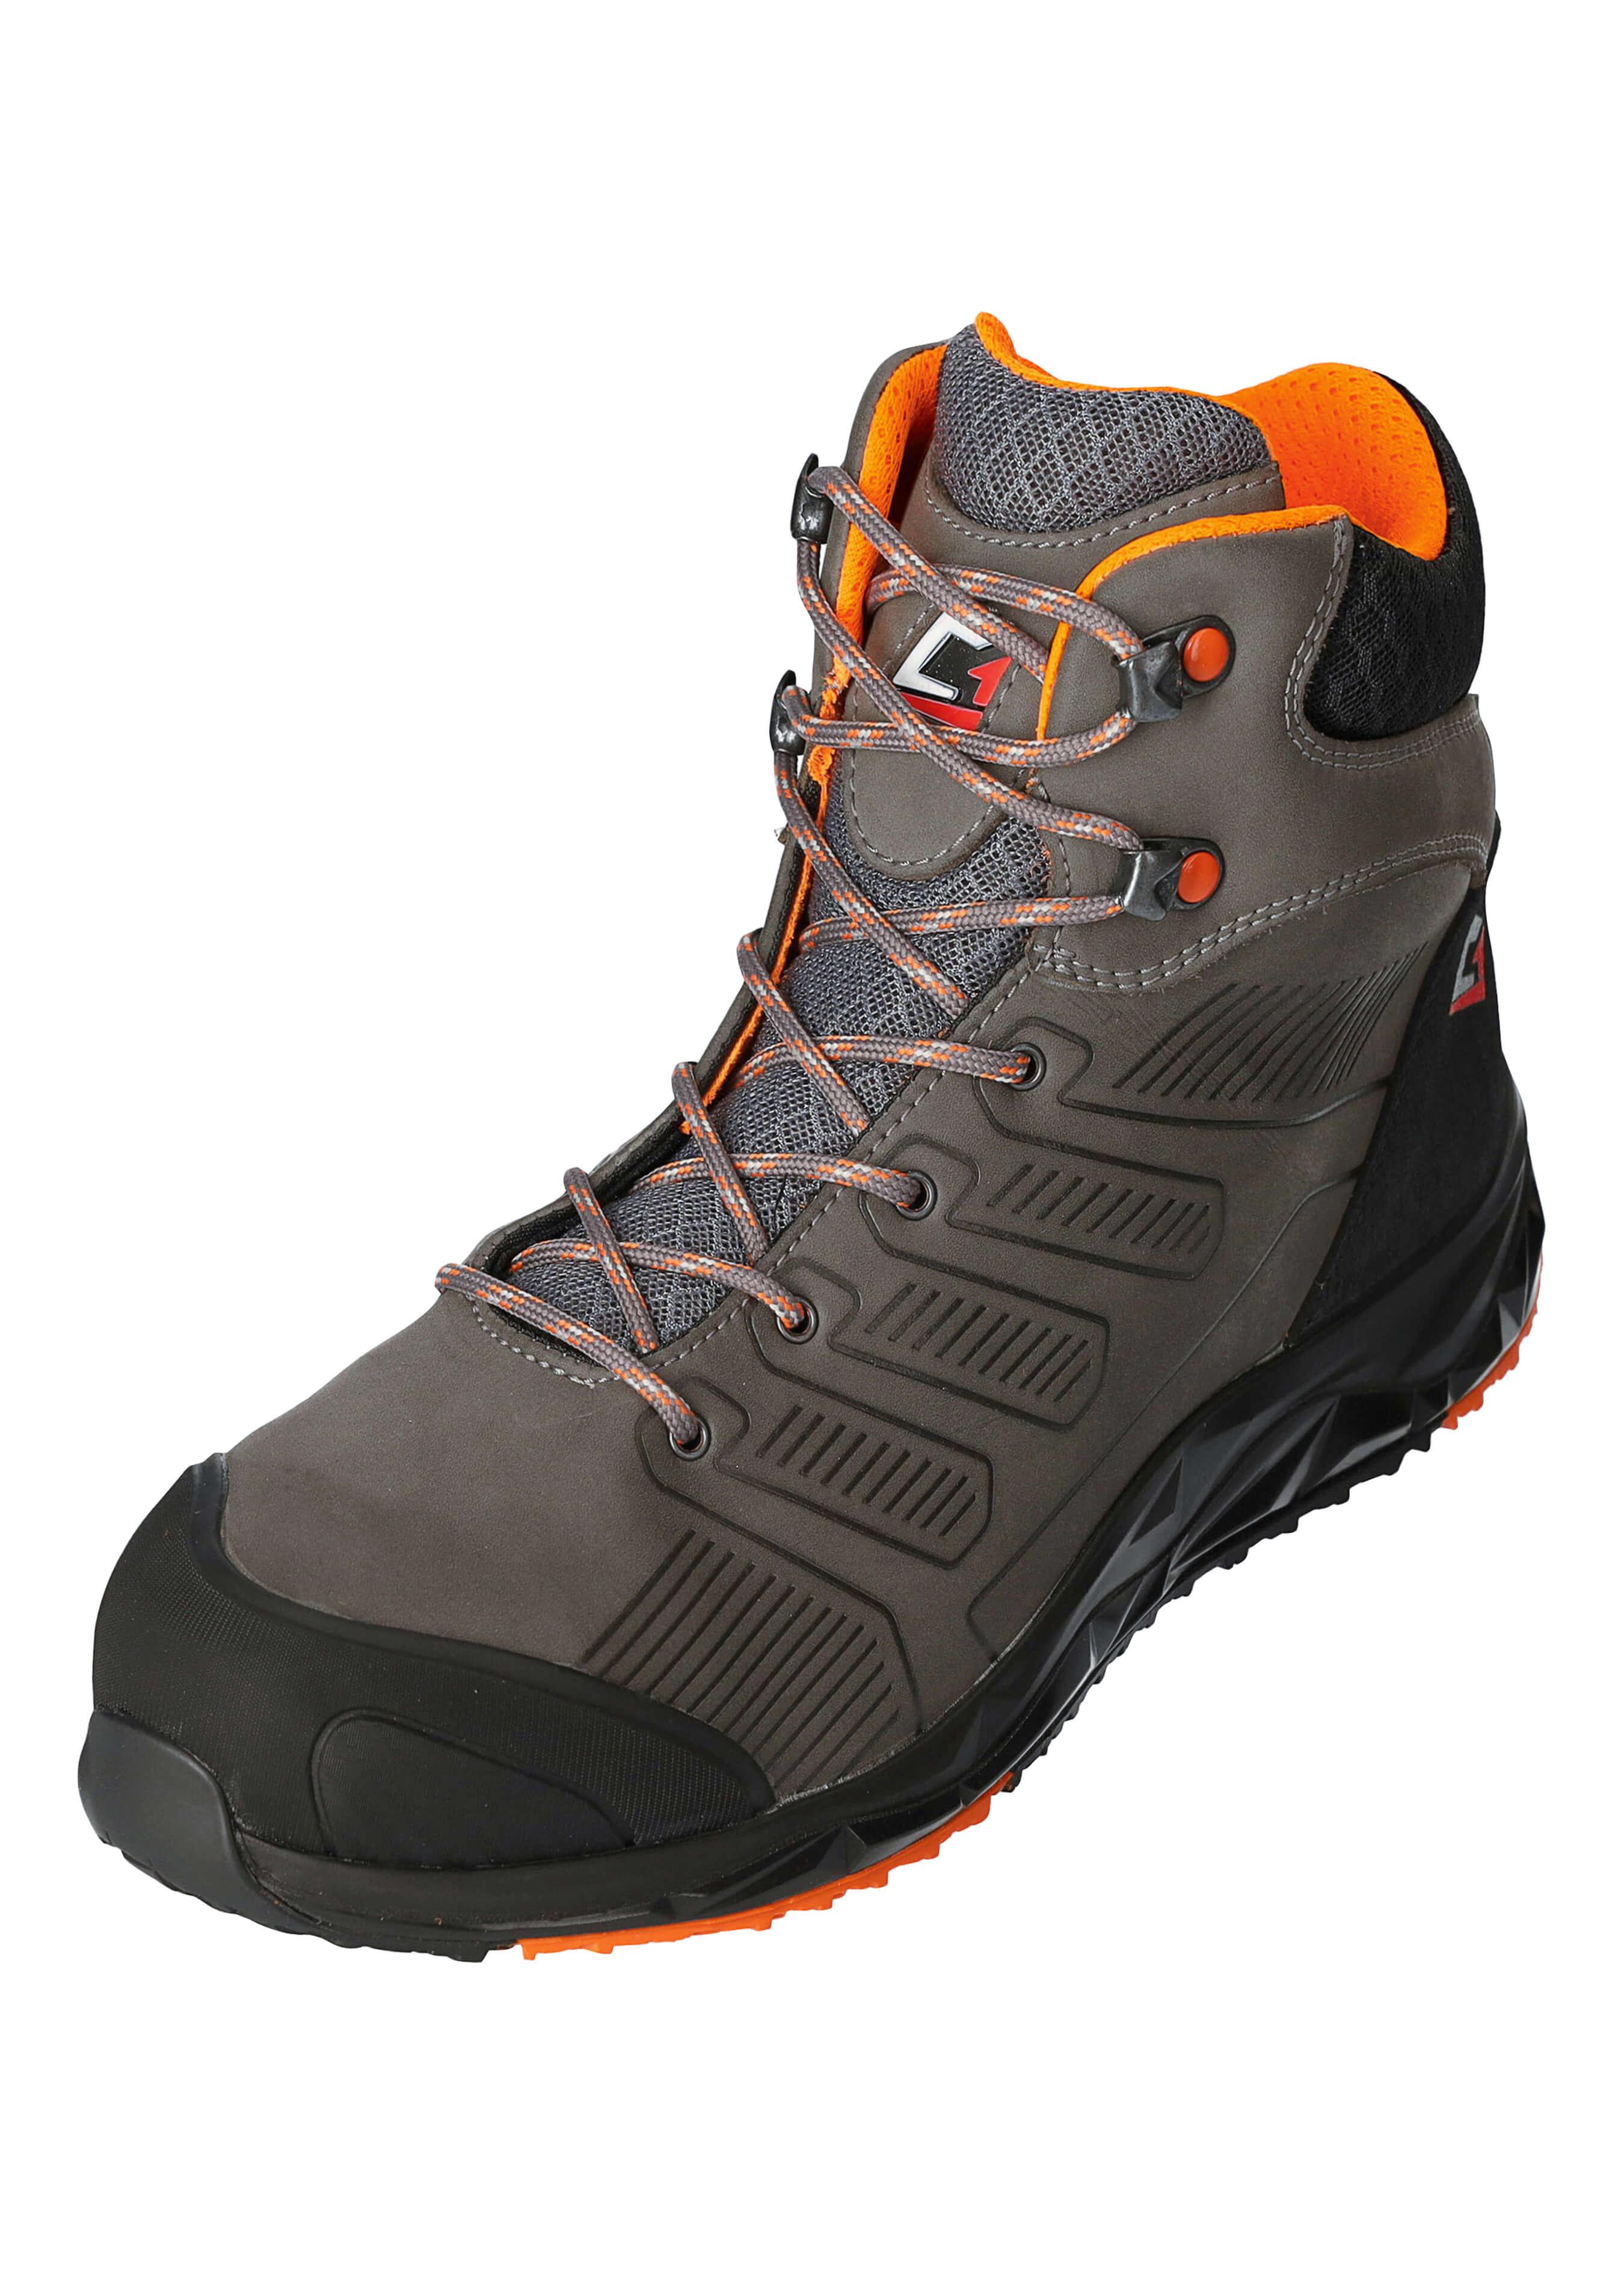 Chaussure de sécurité Nascar S3 montante 42811236 1